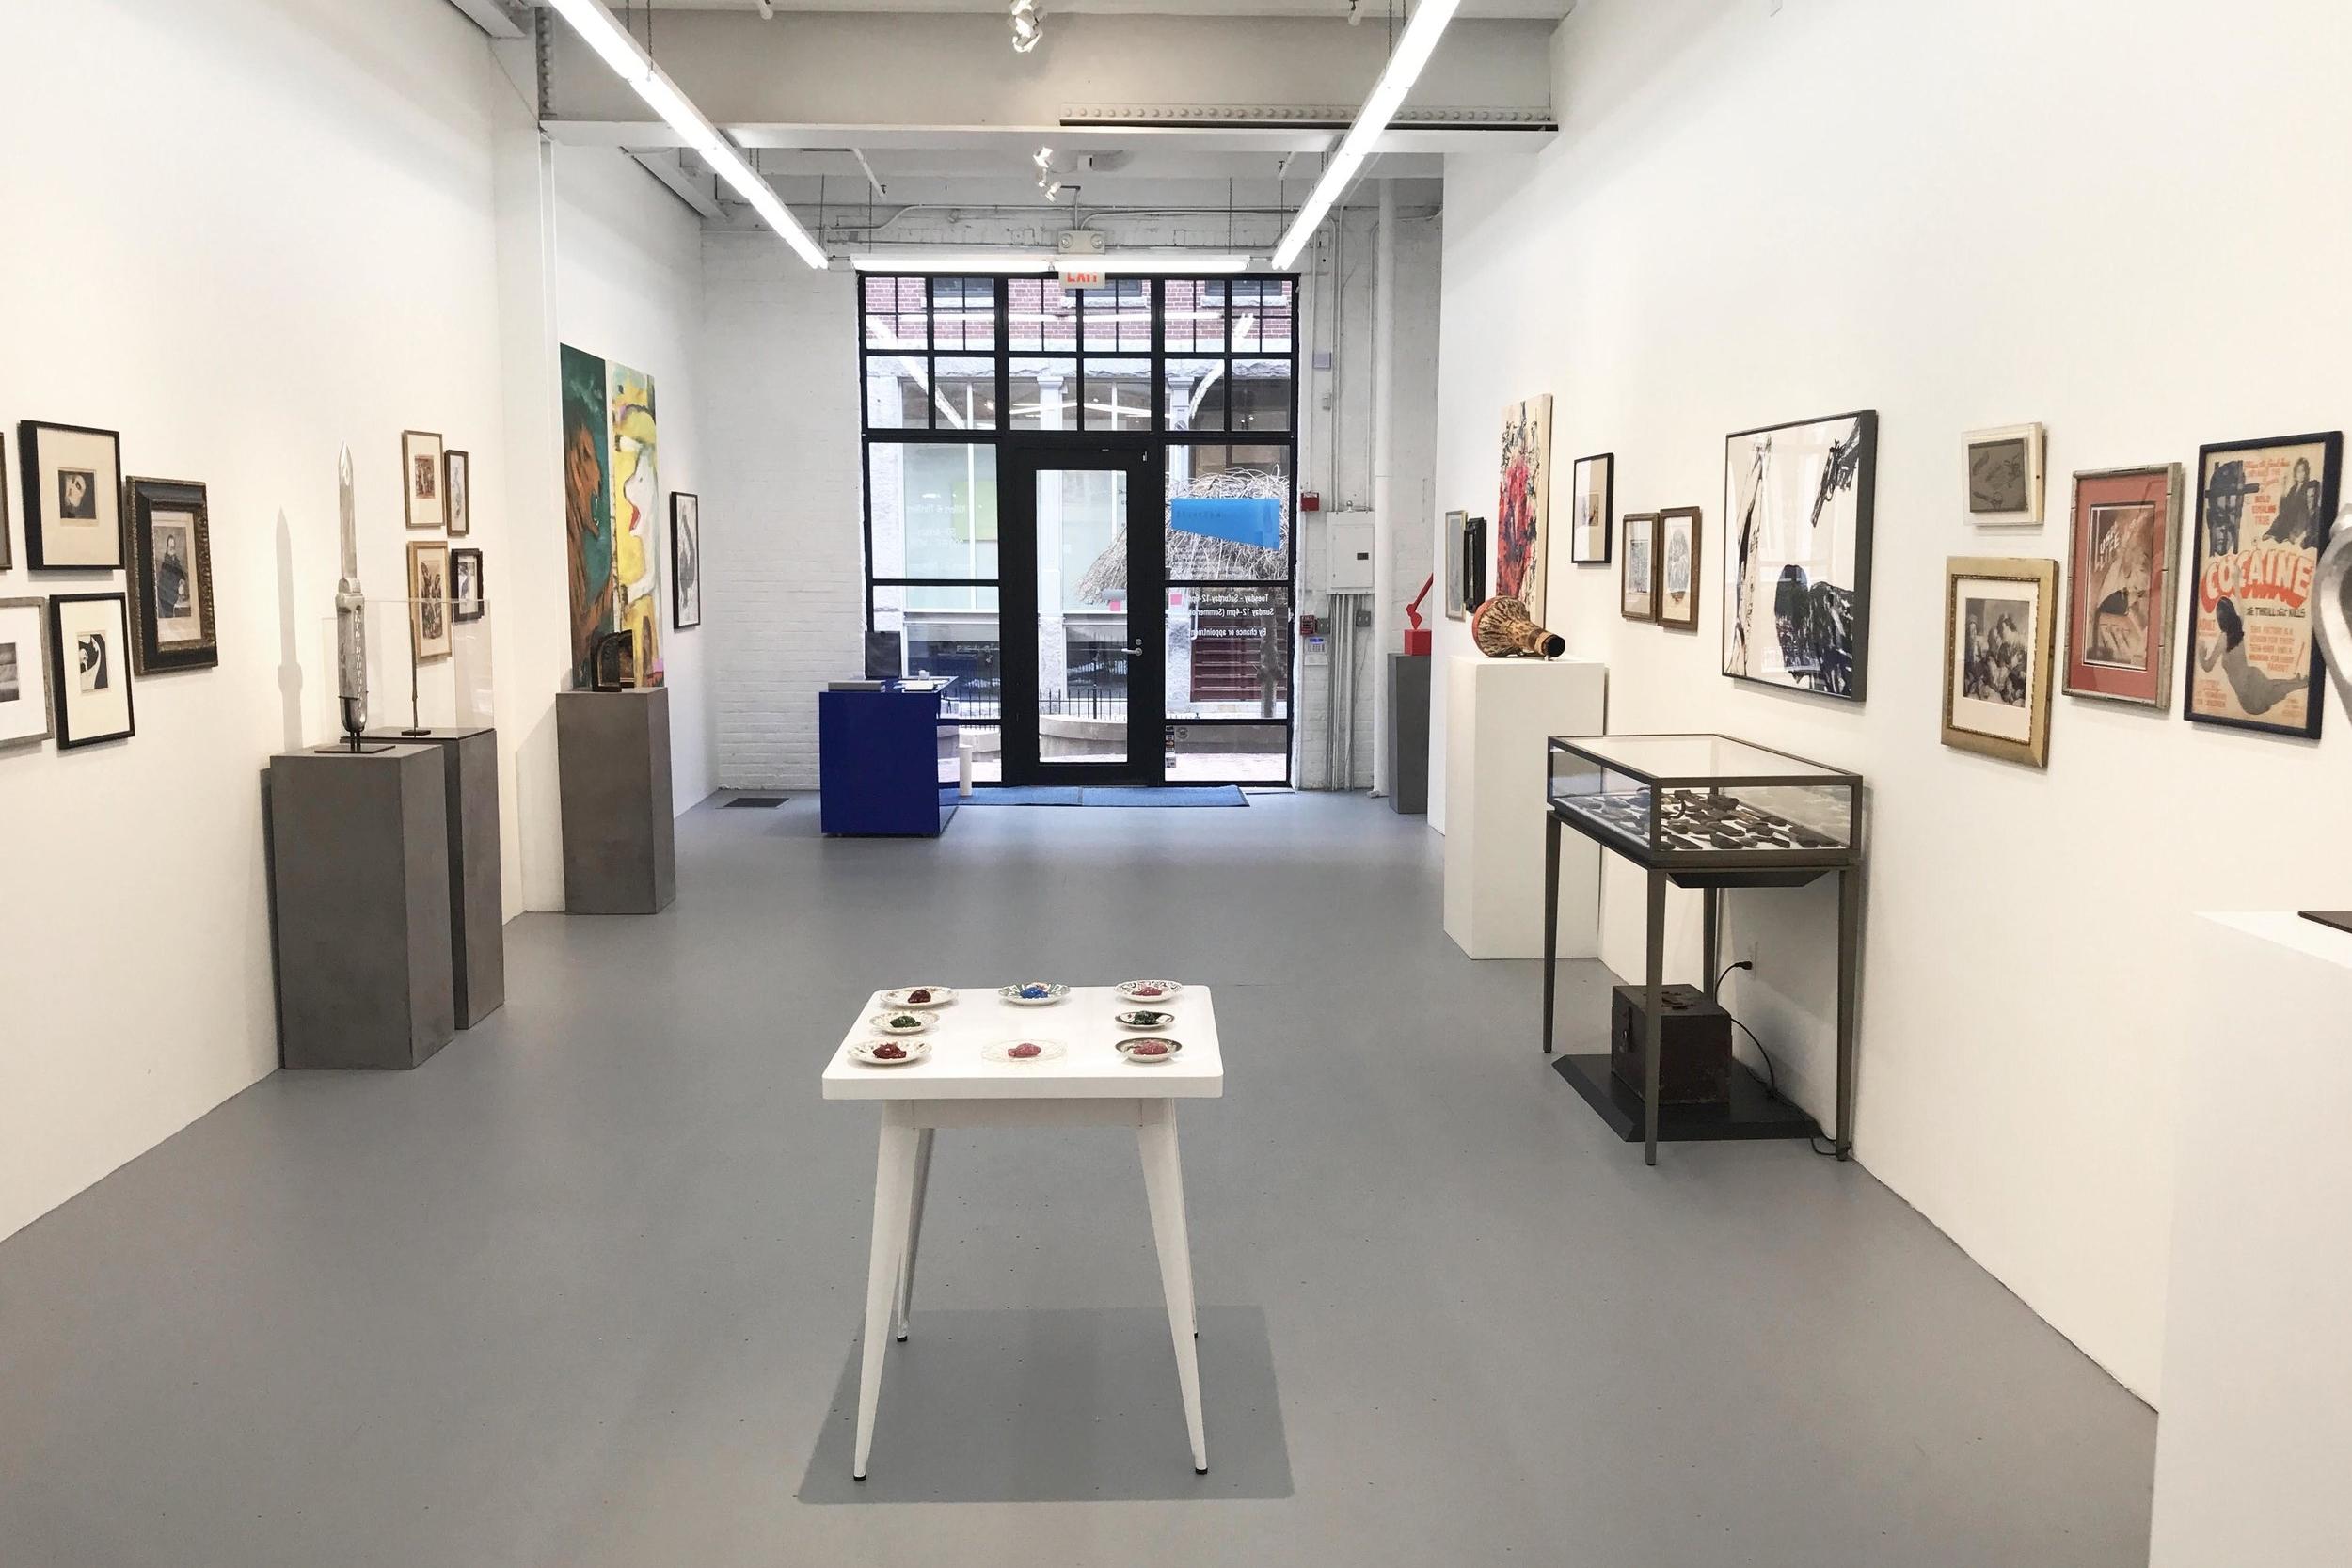 Kabinett Gallery